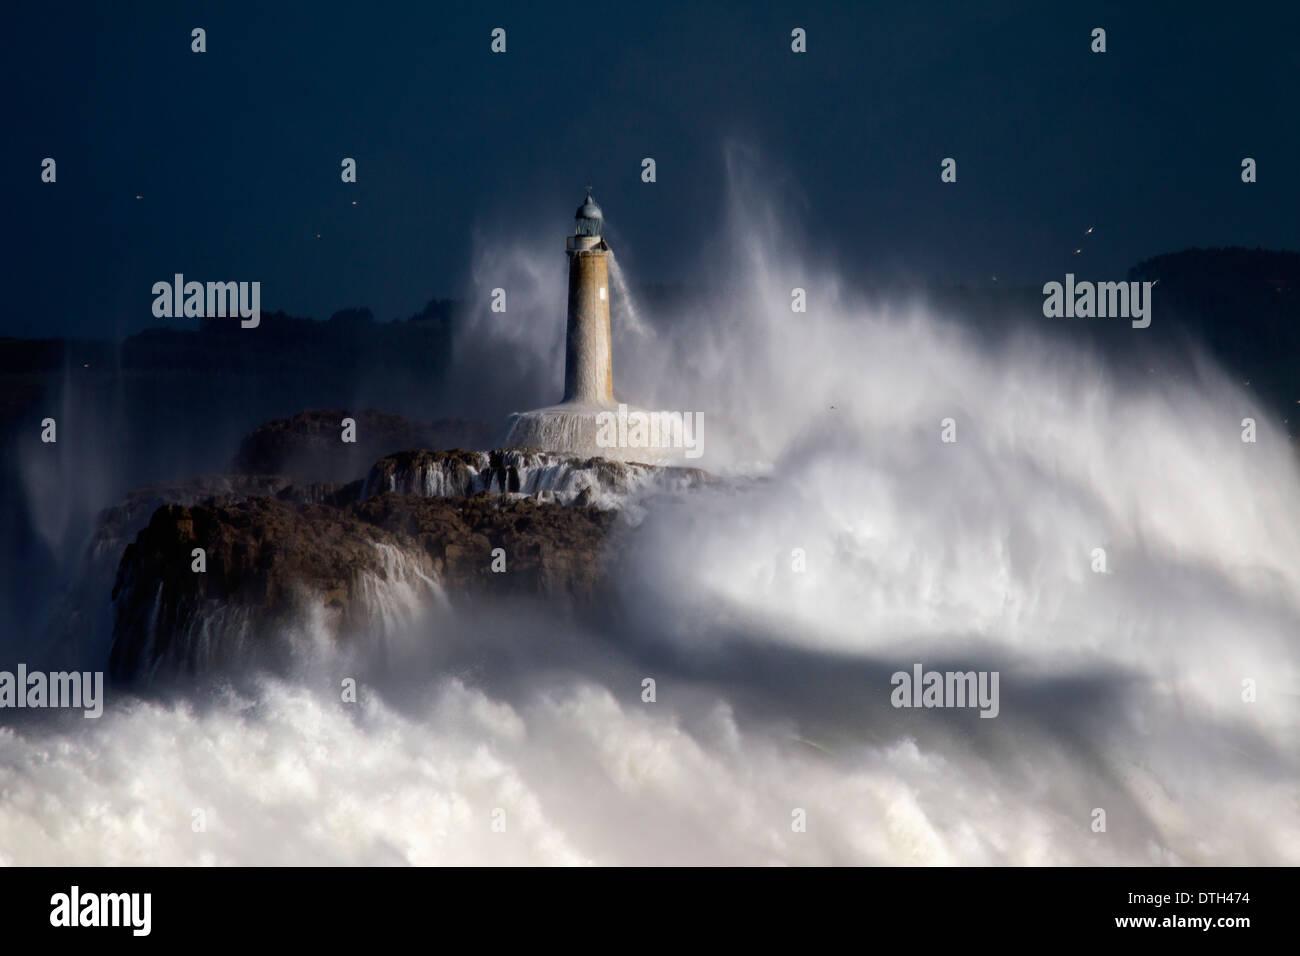 Mouro Insel Leuchtturm in dem großen Sturm. Stockbild